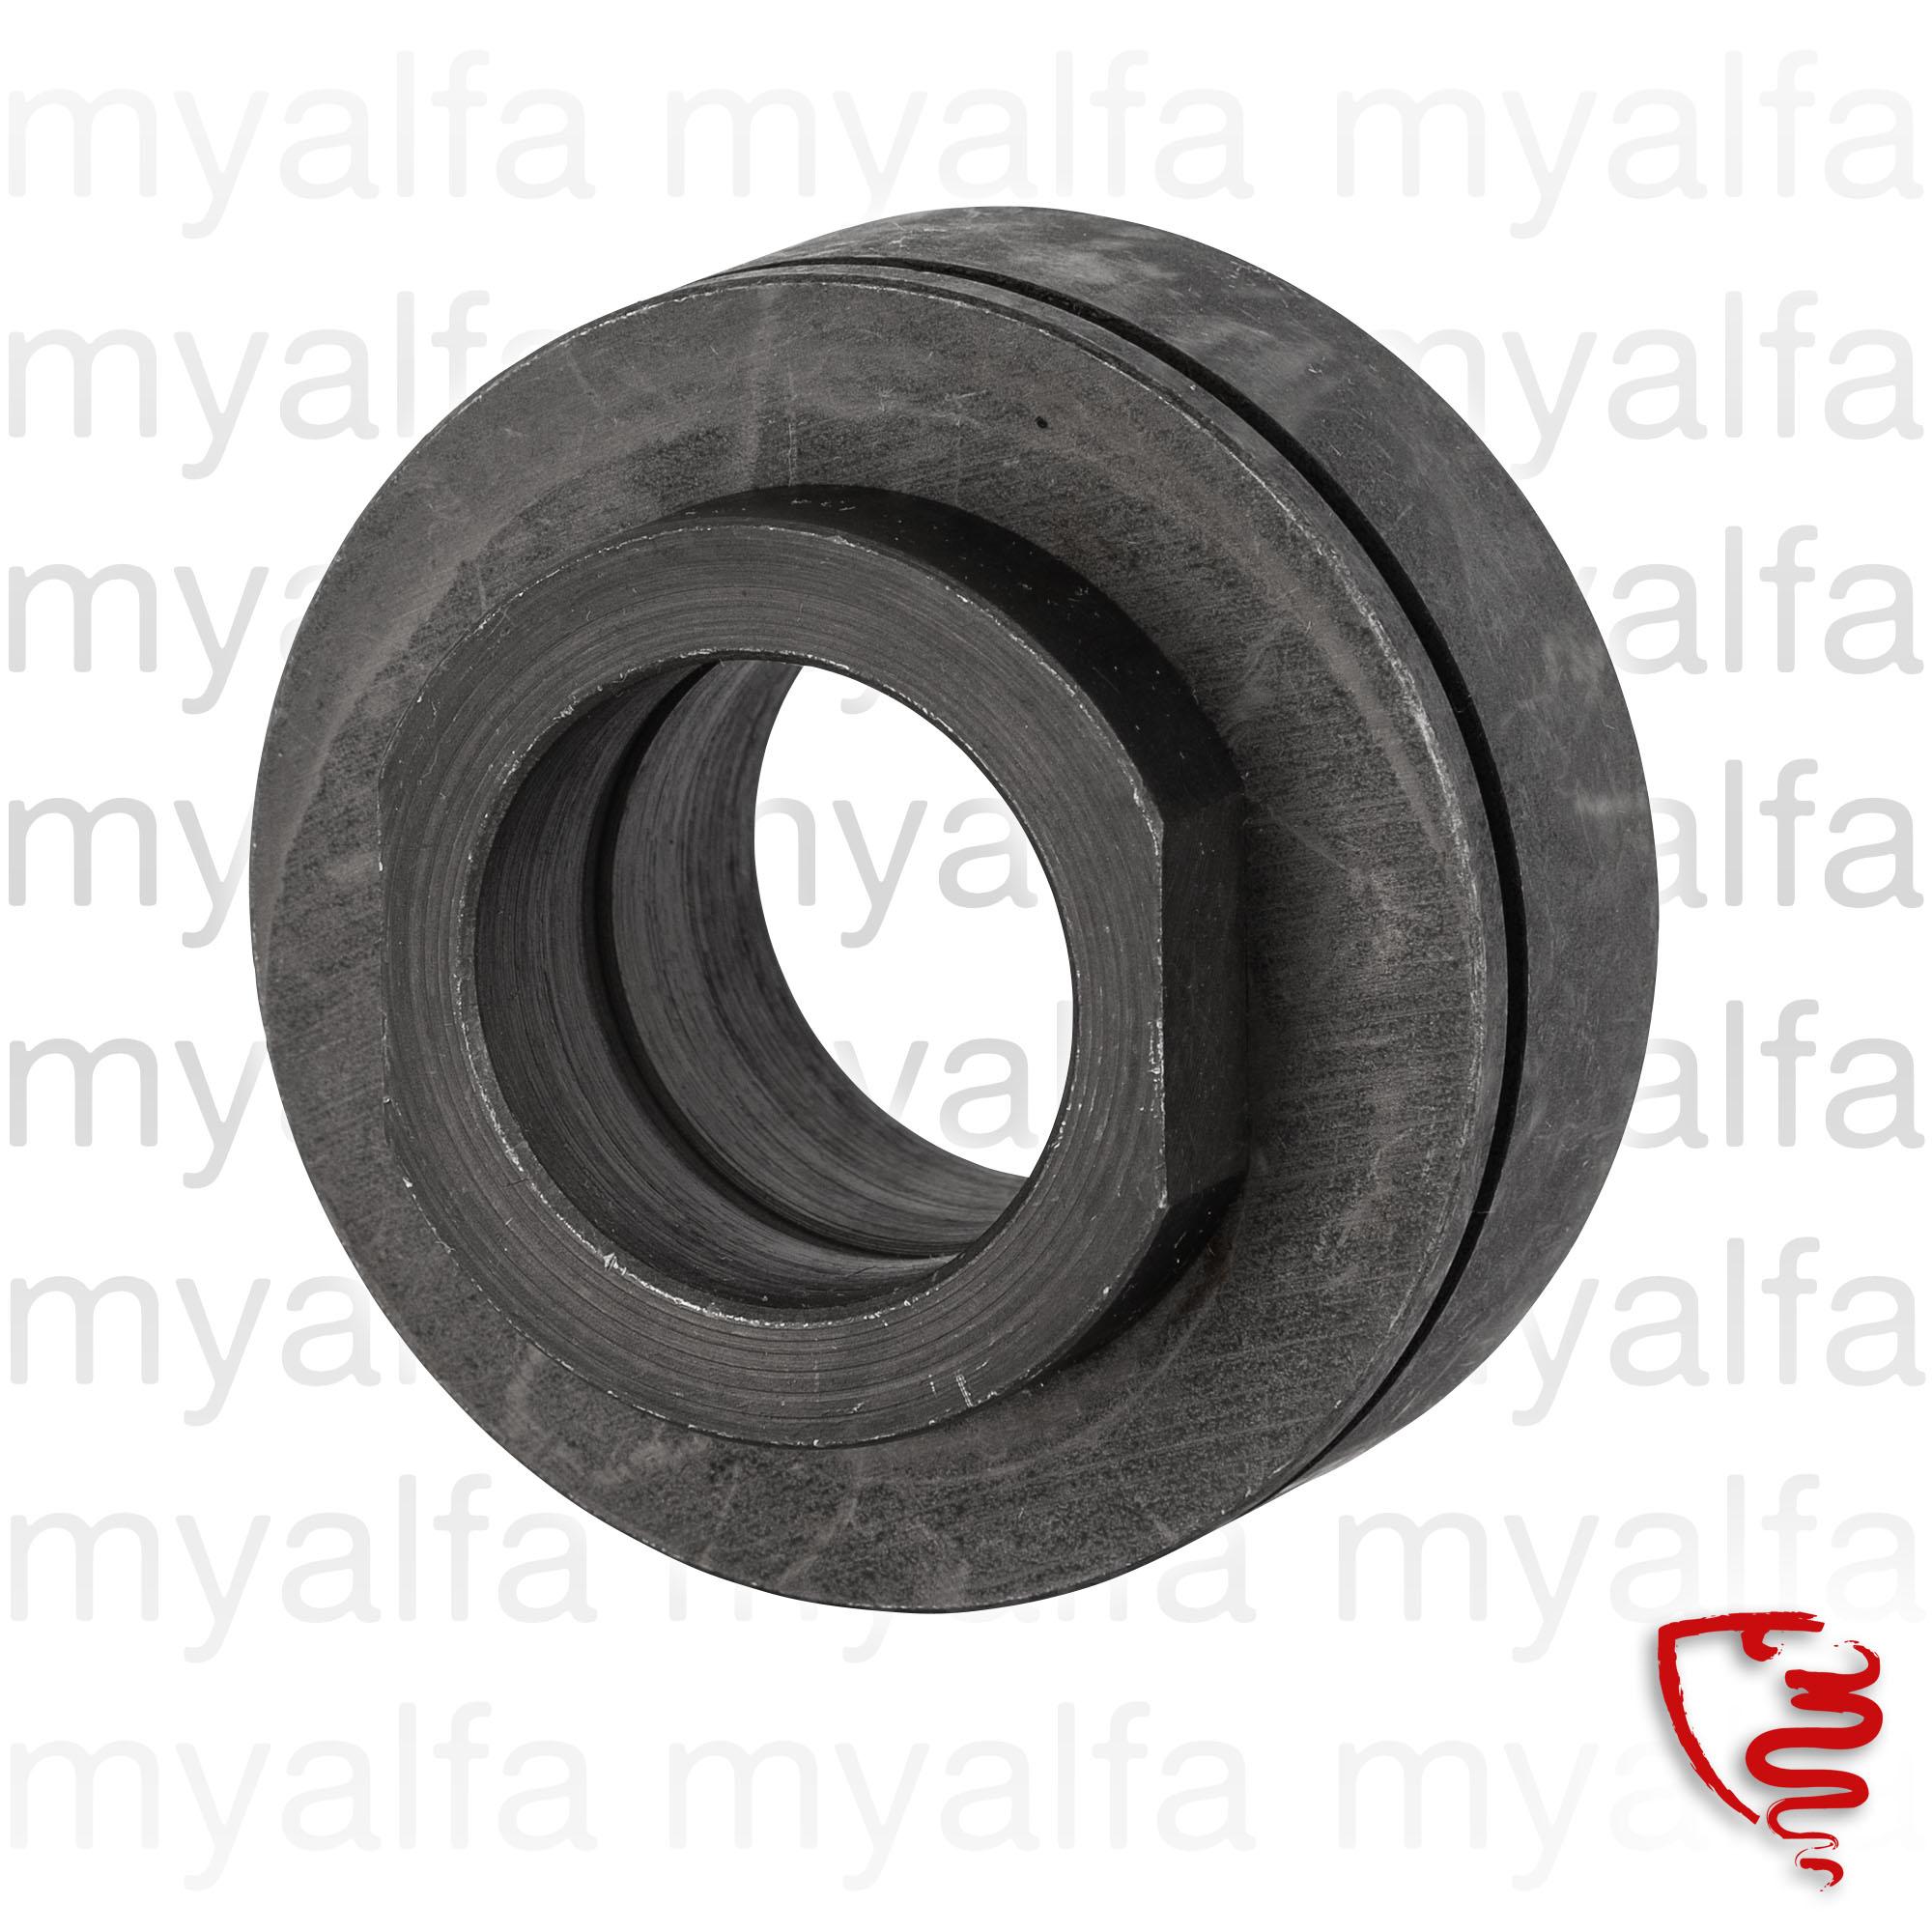 Thrust Bearing Clutch Hydraulic for 105/115, Clutch, Hydraulic